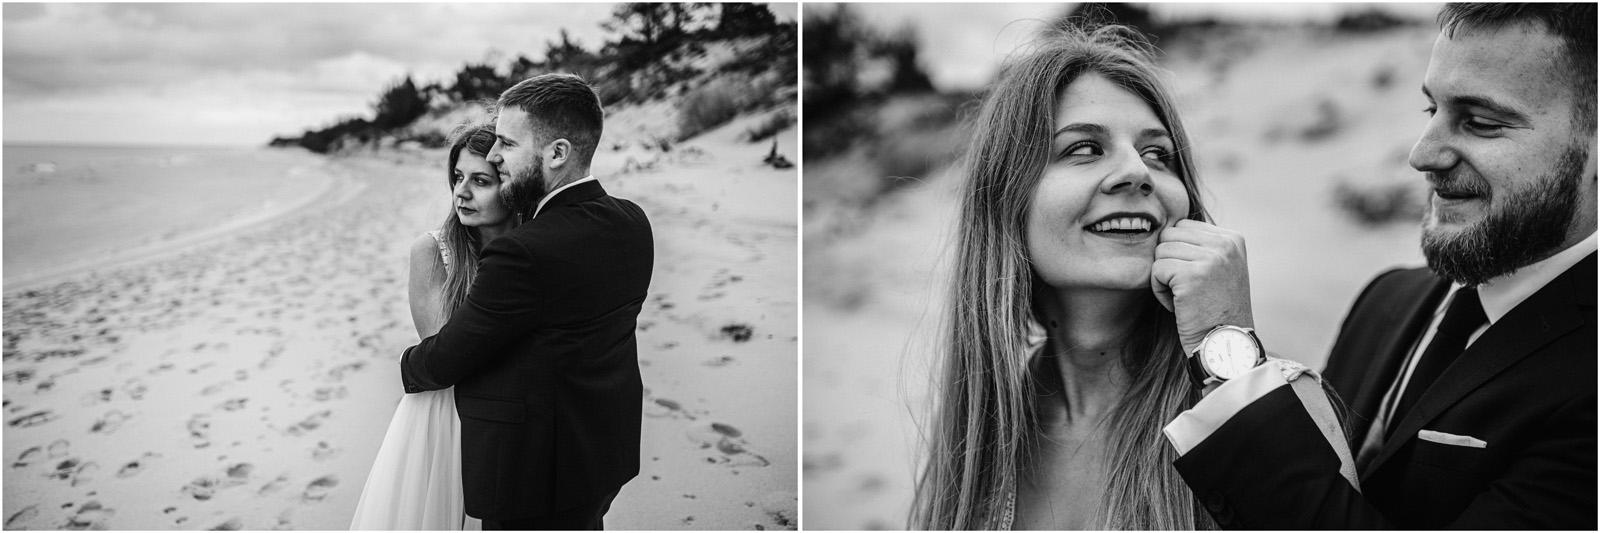 Ania & Szczepan | sesja nad morzem (b&w) 31